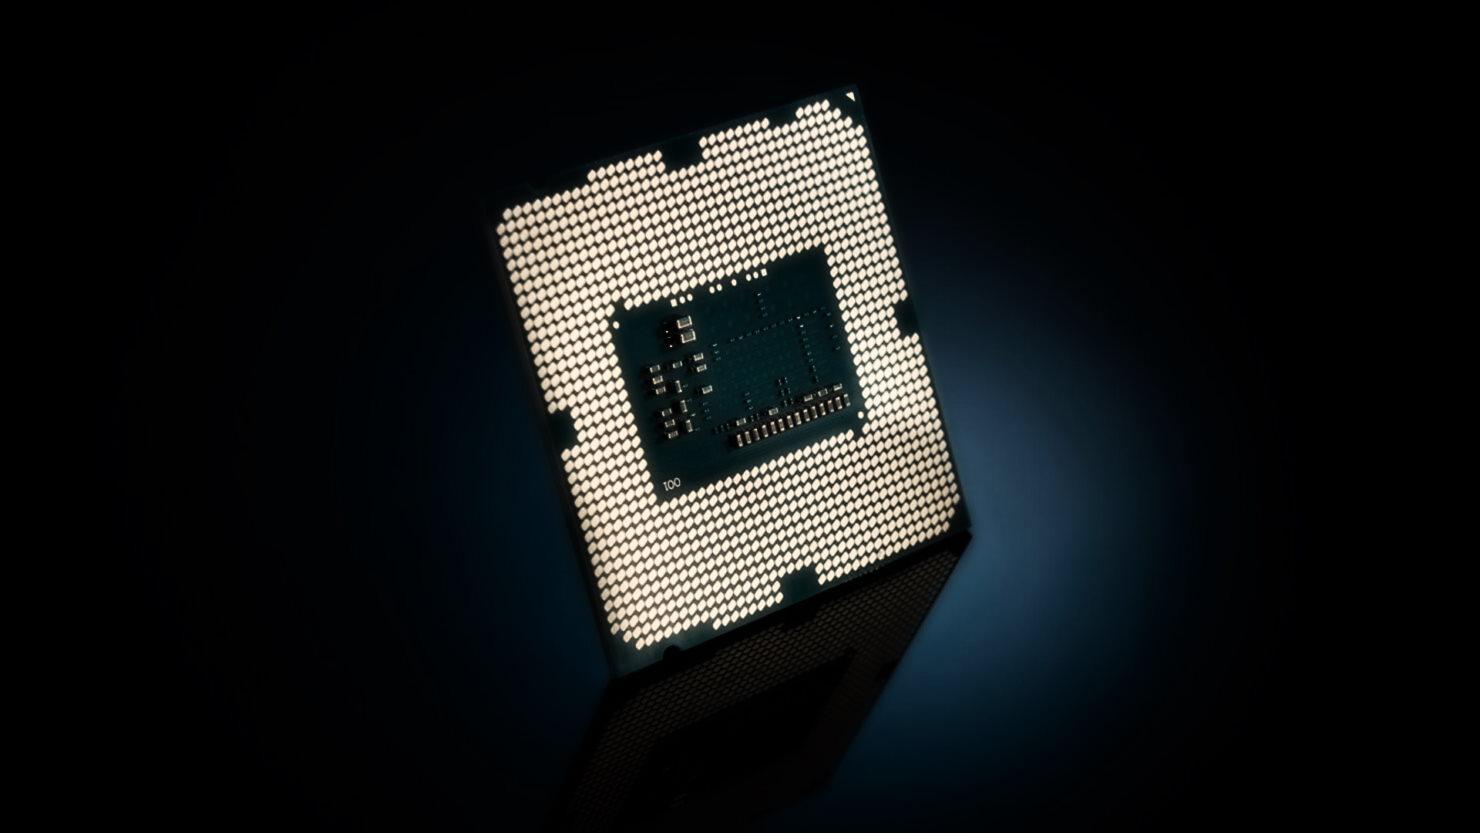 Intel confirma que Alder Lake-S utilizará el socket LGA 1700 30